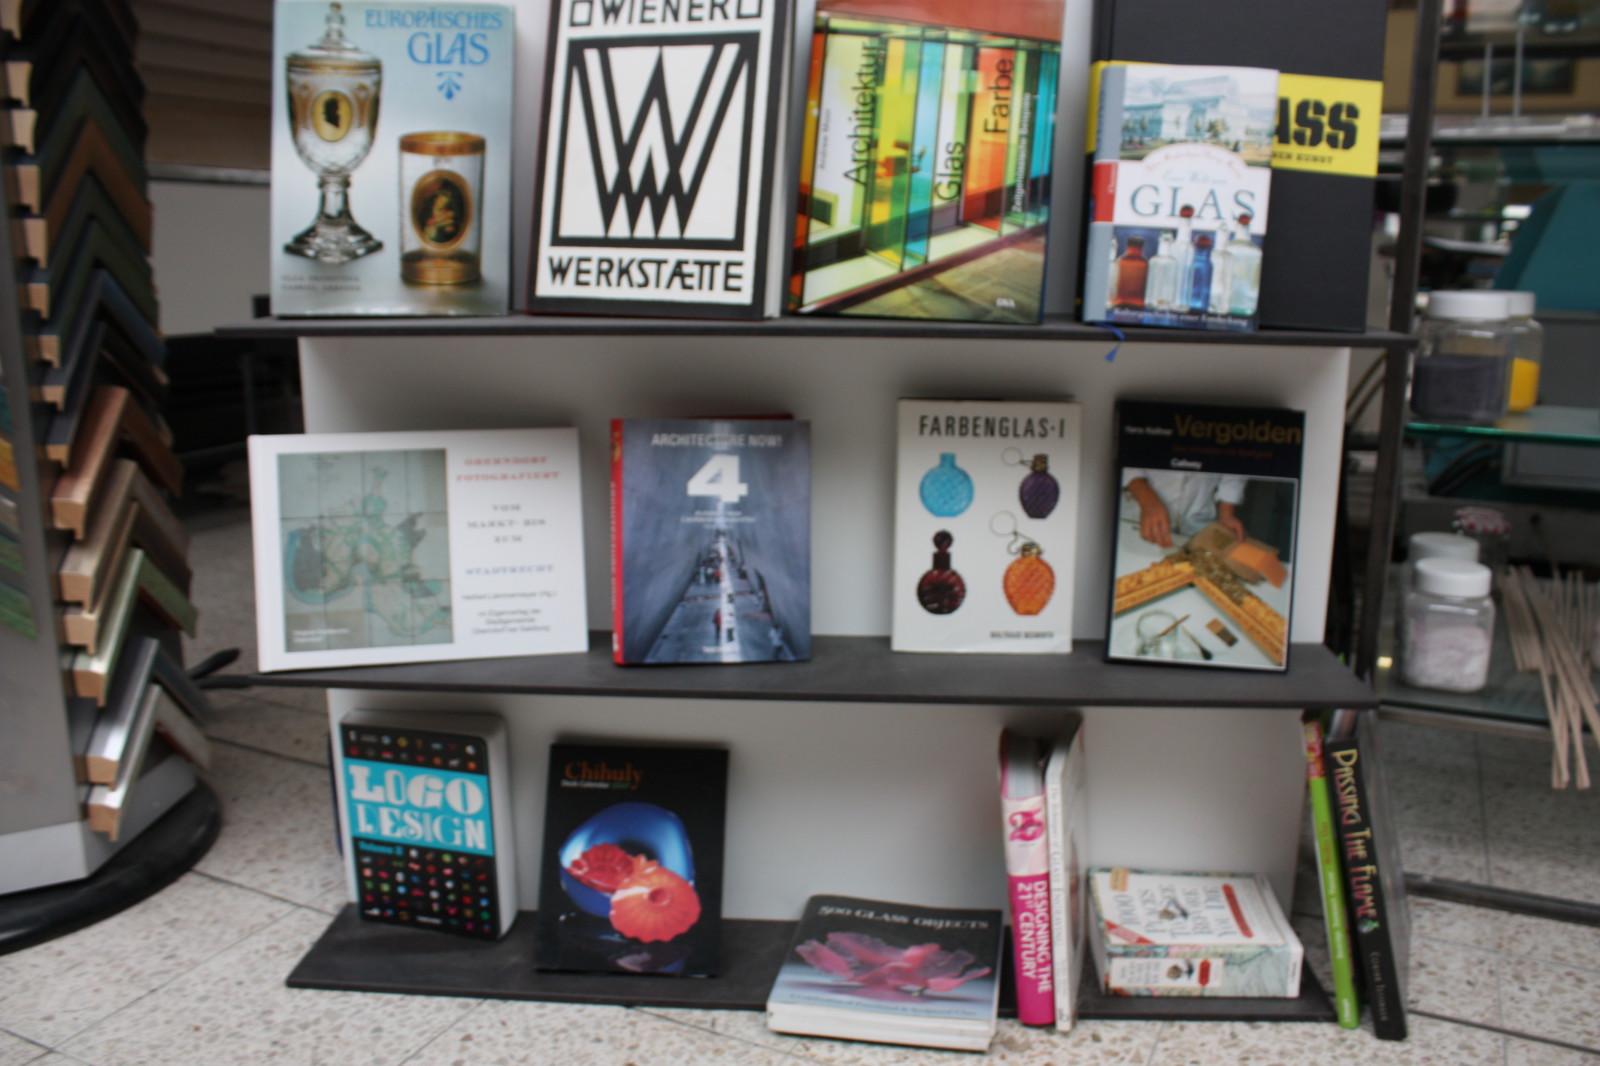 Allerhand Bücher zur Glas-Thematik finden sich ebenfalls